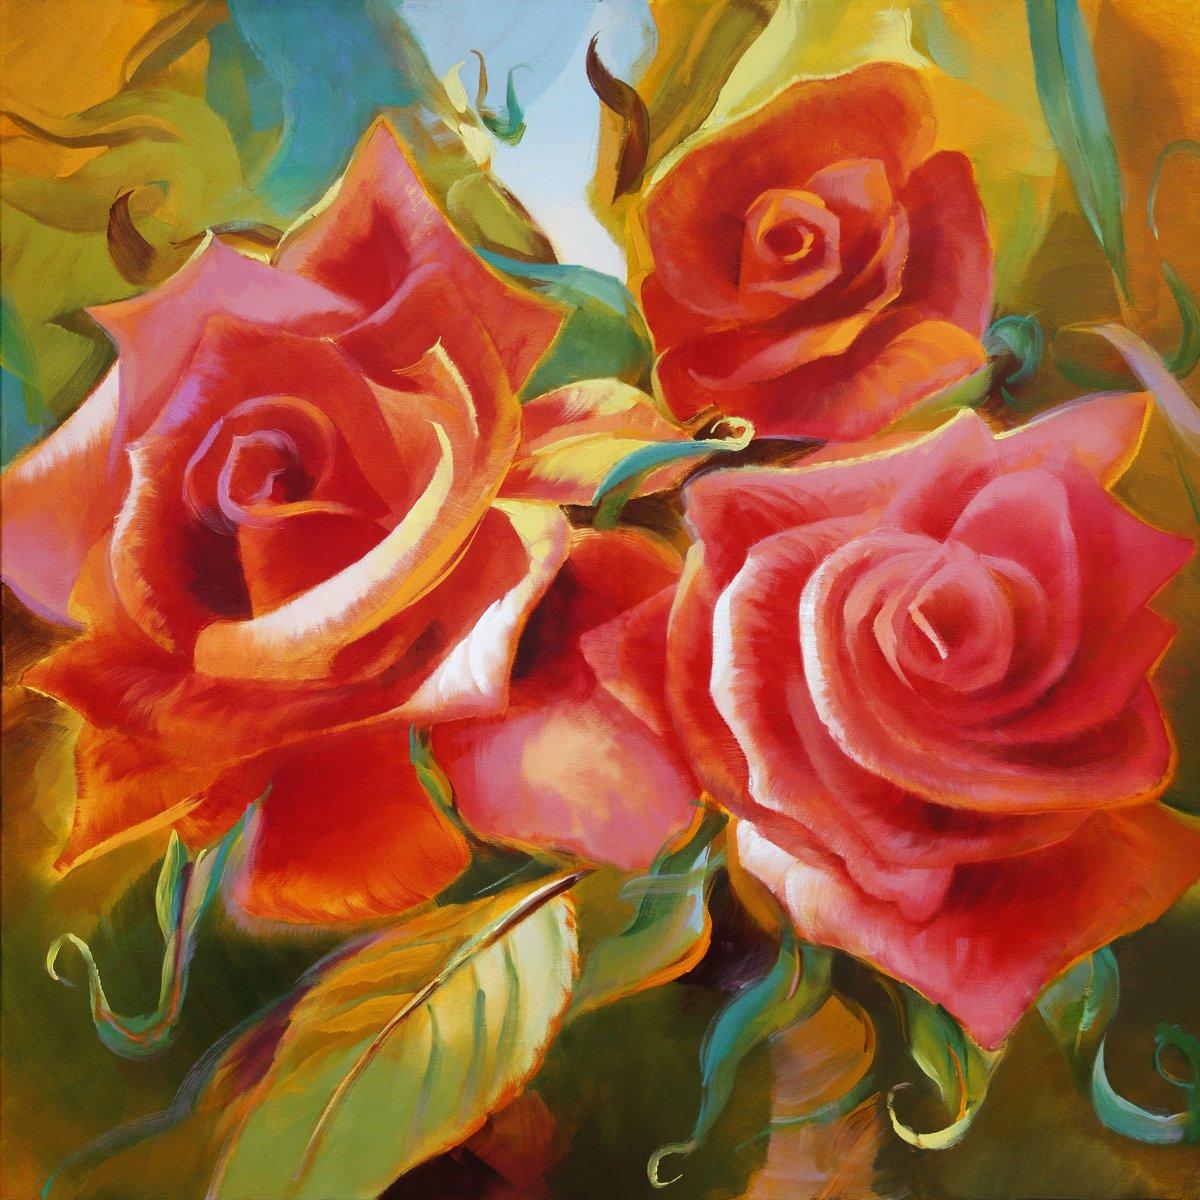 """Постер Цветы """"Постер 96014535-510316"""", 20x20 см, на бумаге от Artwall"""